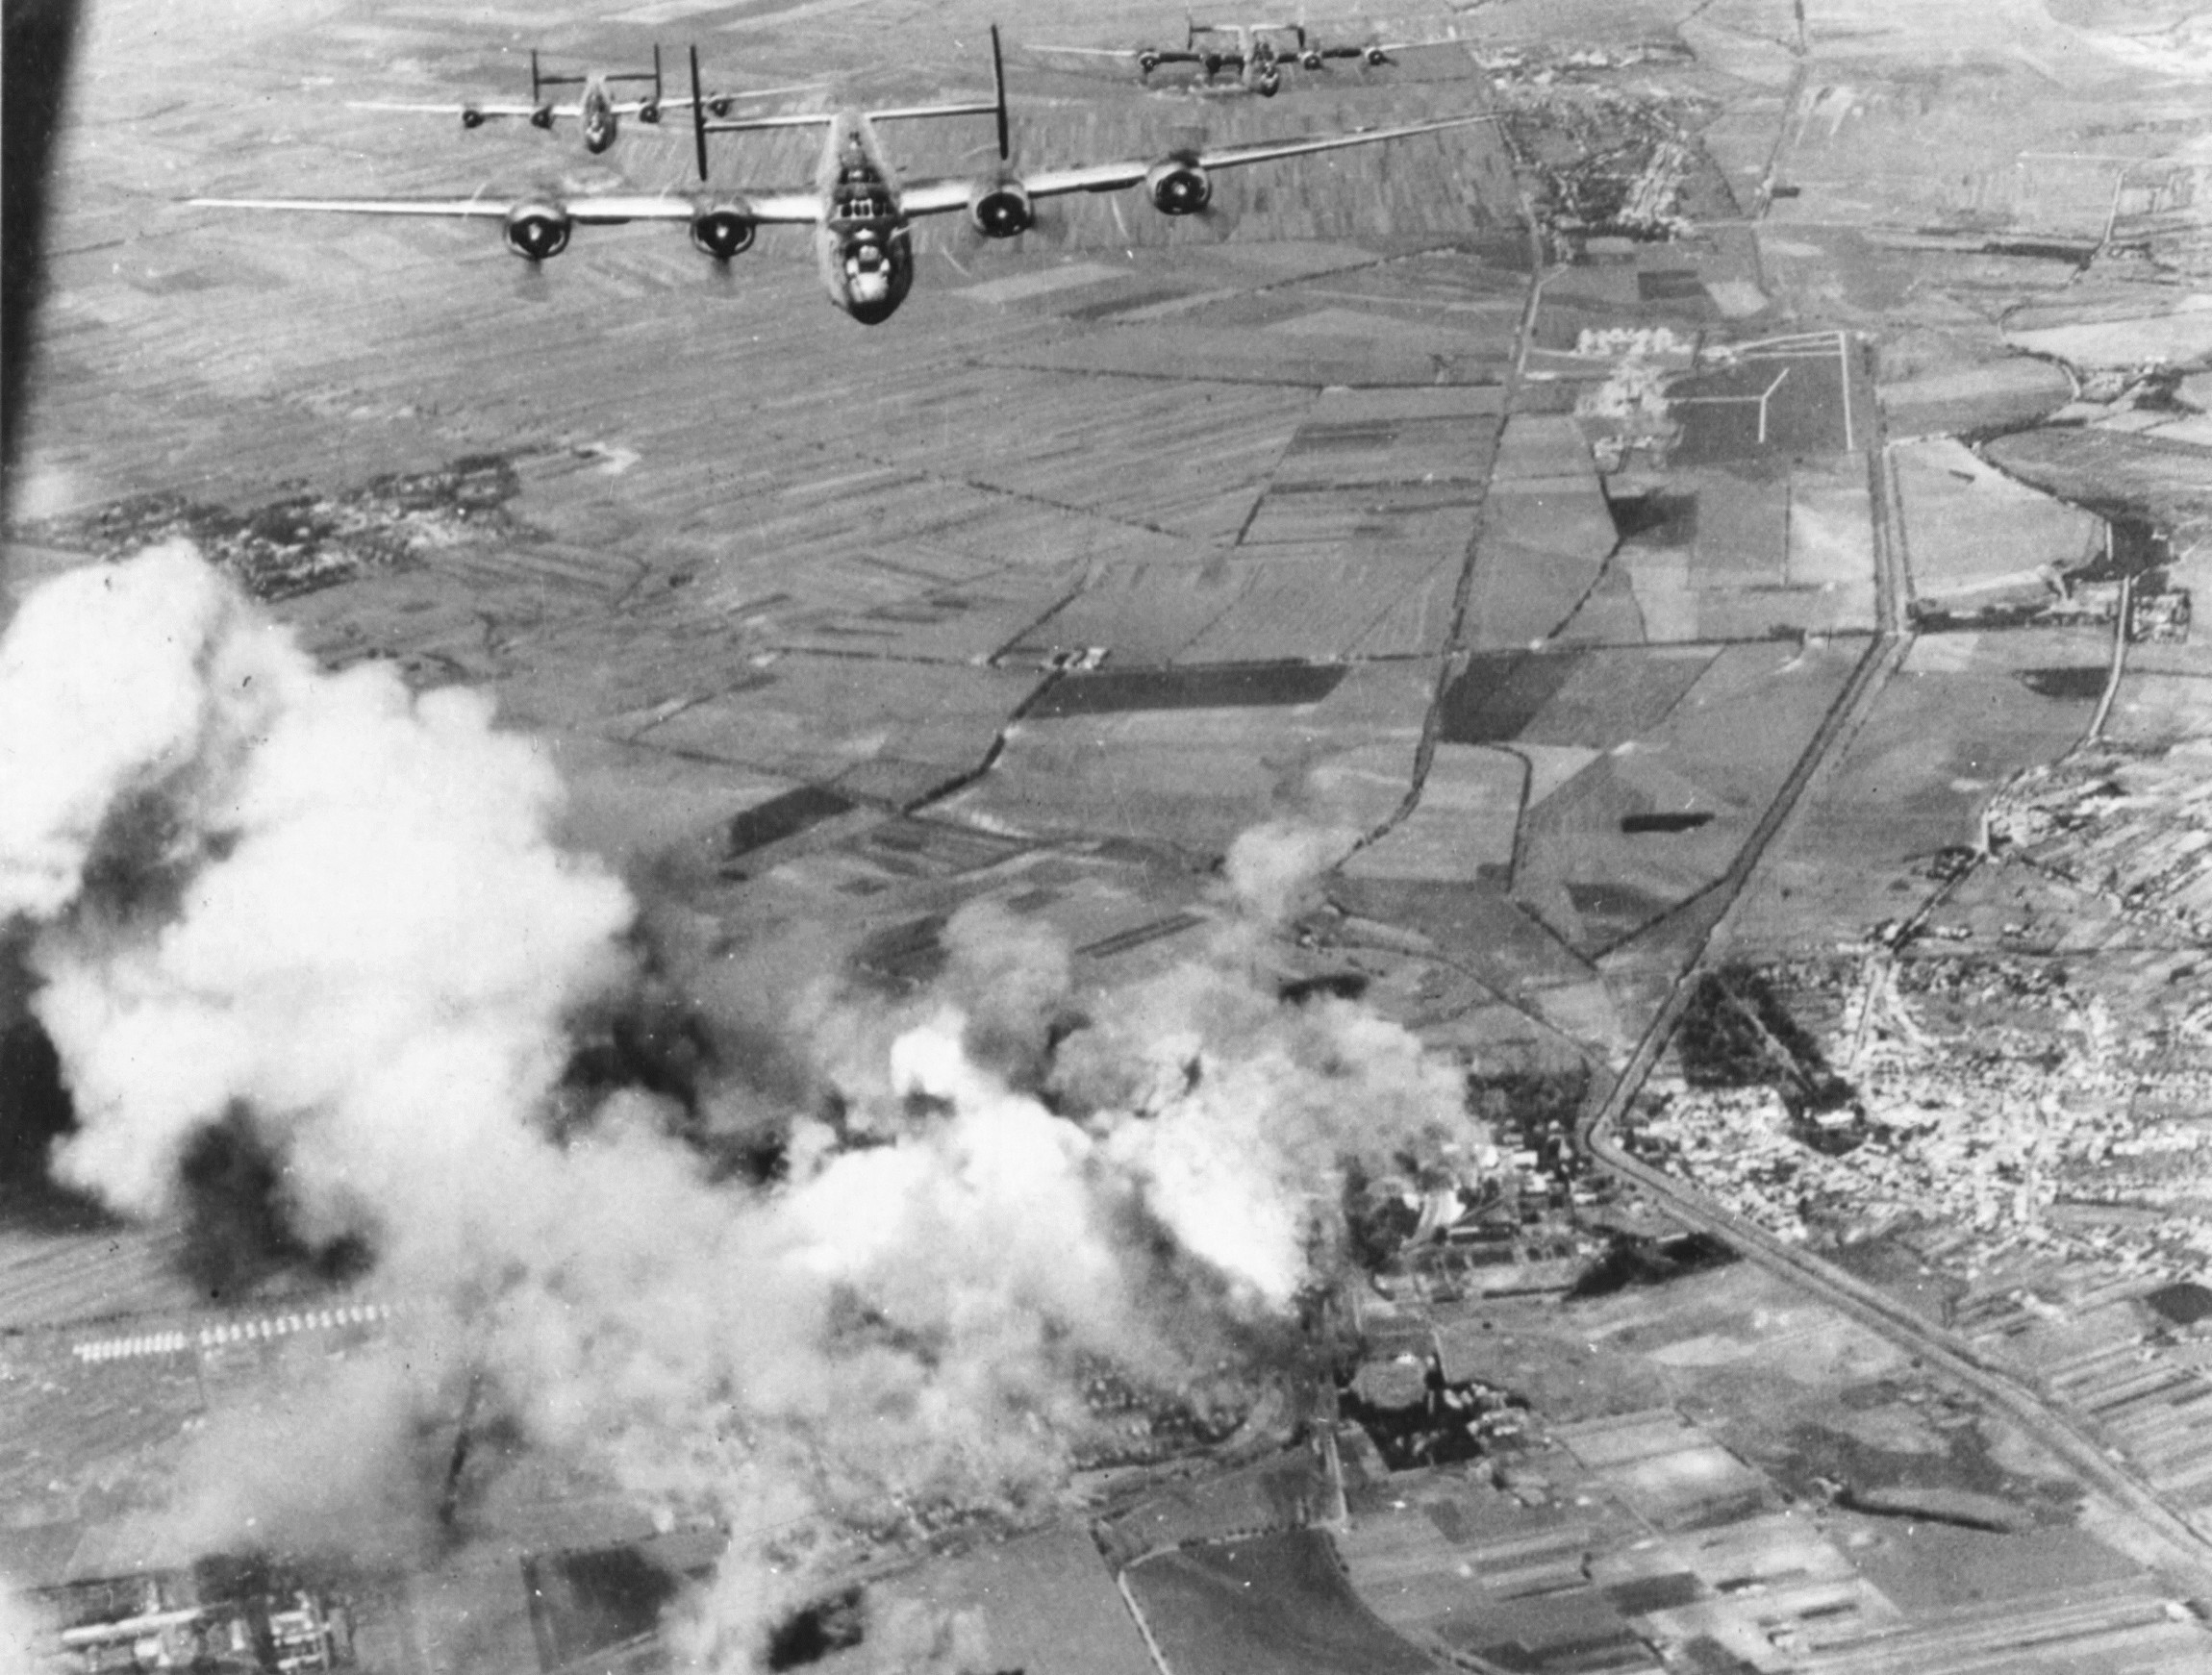 Amerikai bombázógépek éppen elhagyják Hatvan légterét. Jól látható a várost kettészelő Zagyva folyó szabályozott medre, amelytől nyugatra feküdt a vasútállomás, illetve Újhatvan területe. (USA NA / USAAF szabad hozzáférésű archívuma)